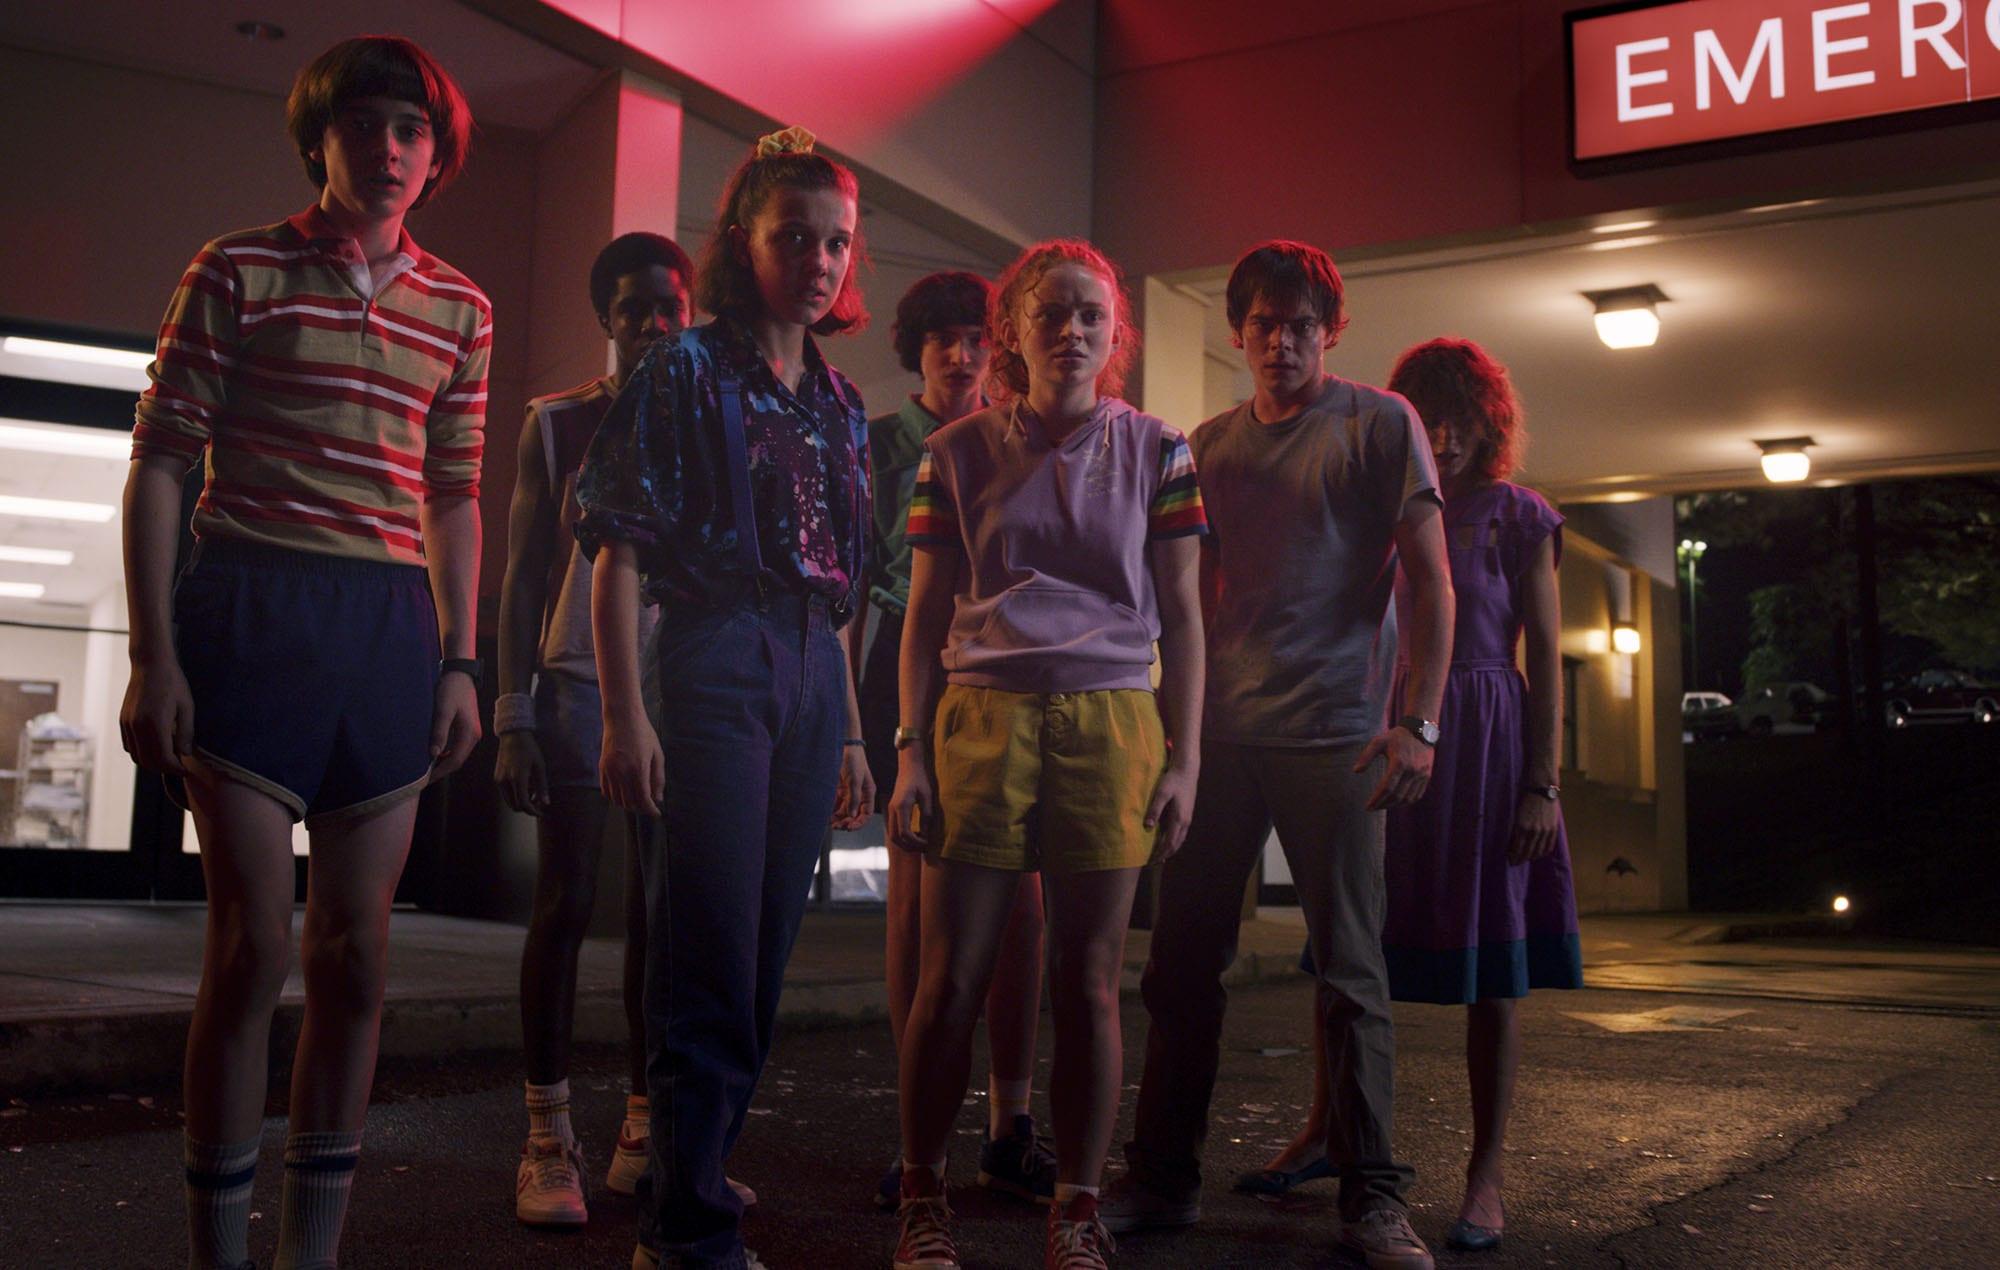 Stranger Things 4: è la più oscura, anche Finn Wolfhard lo conferma